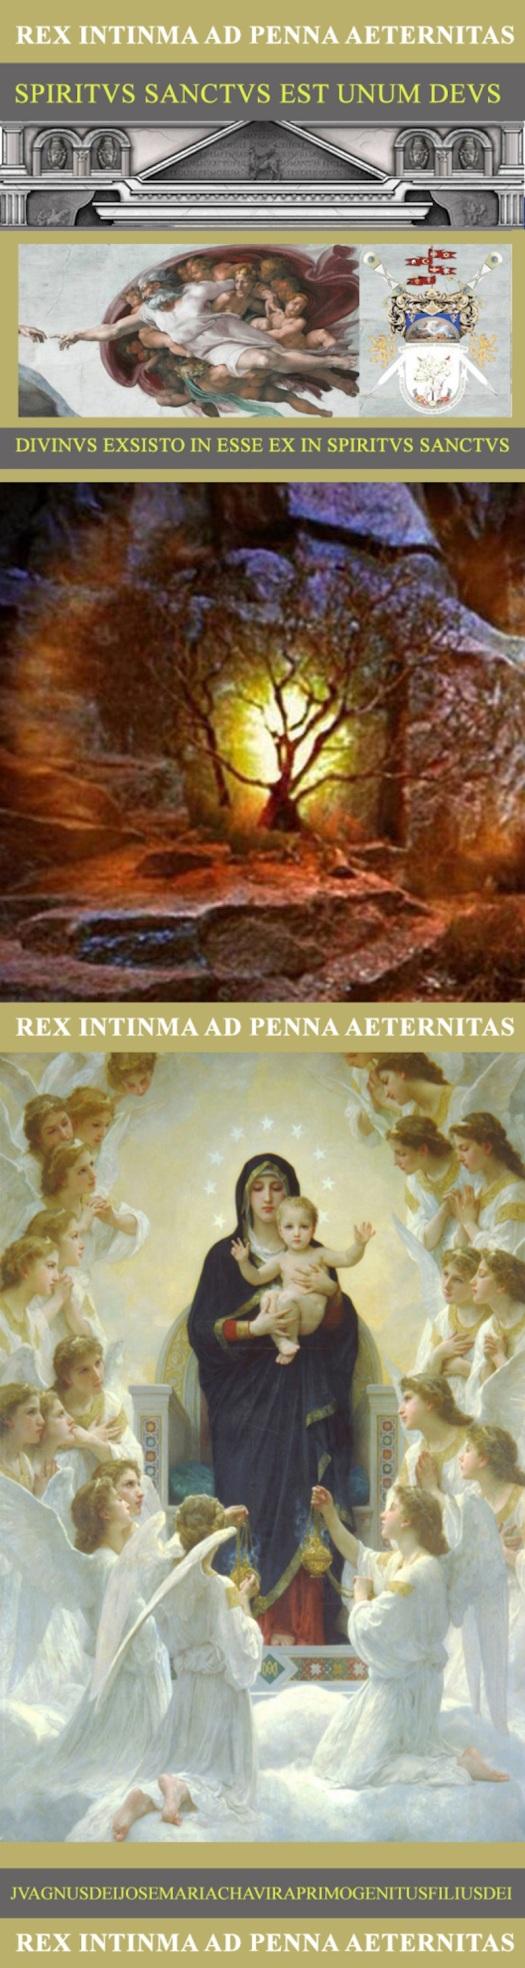 A Santíssima Trindade do Primeiro Mistério ea integridade da fé